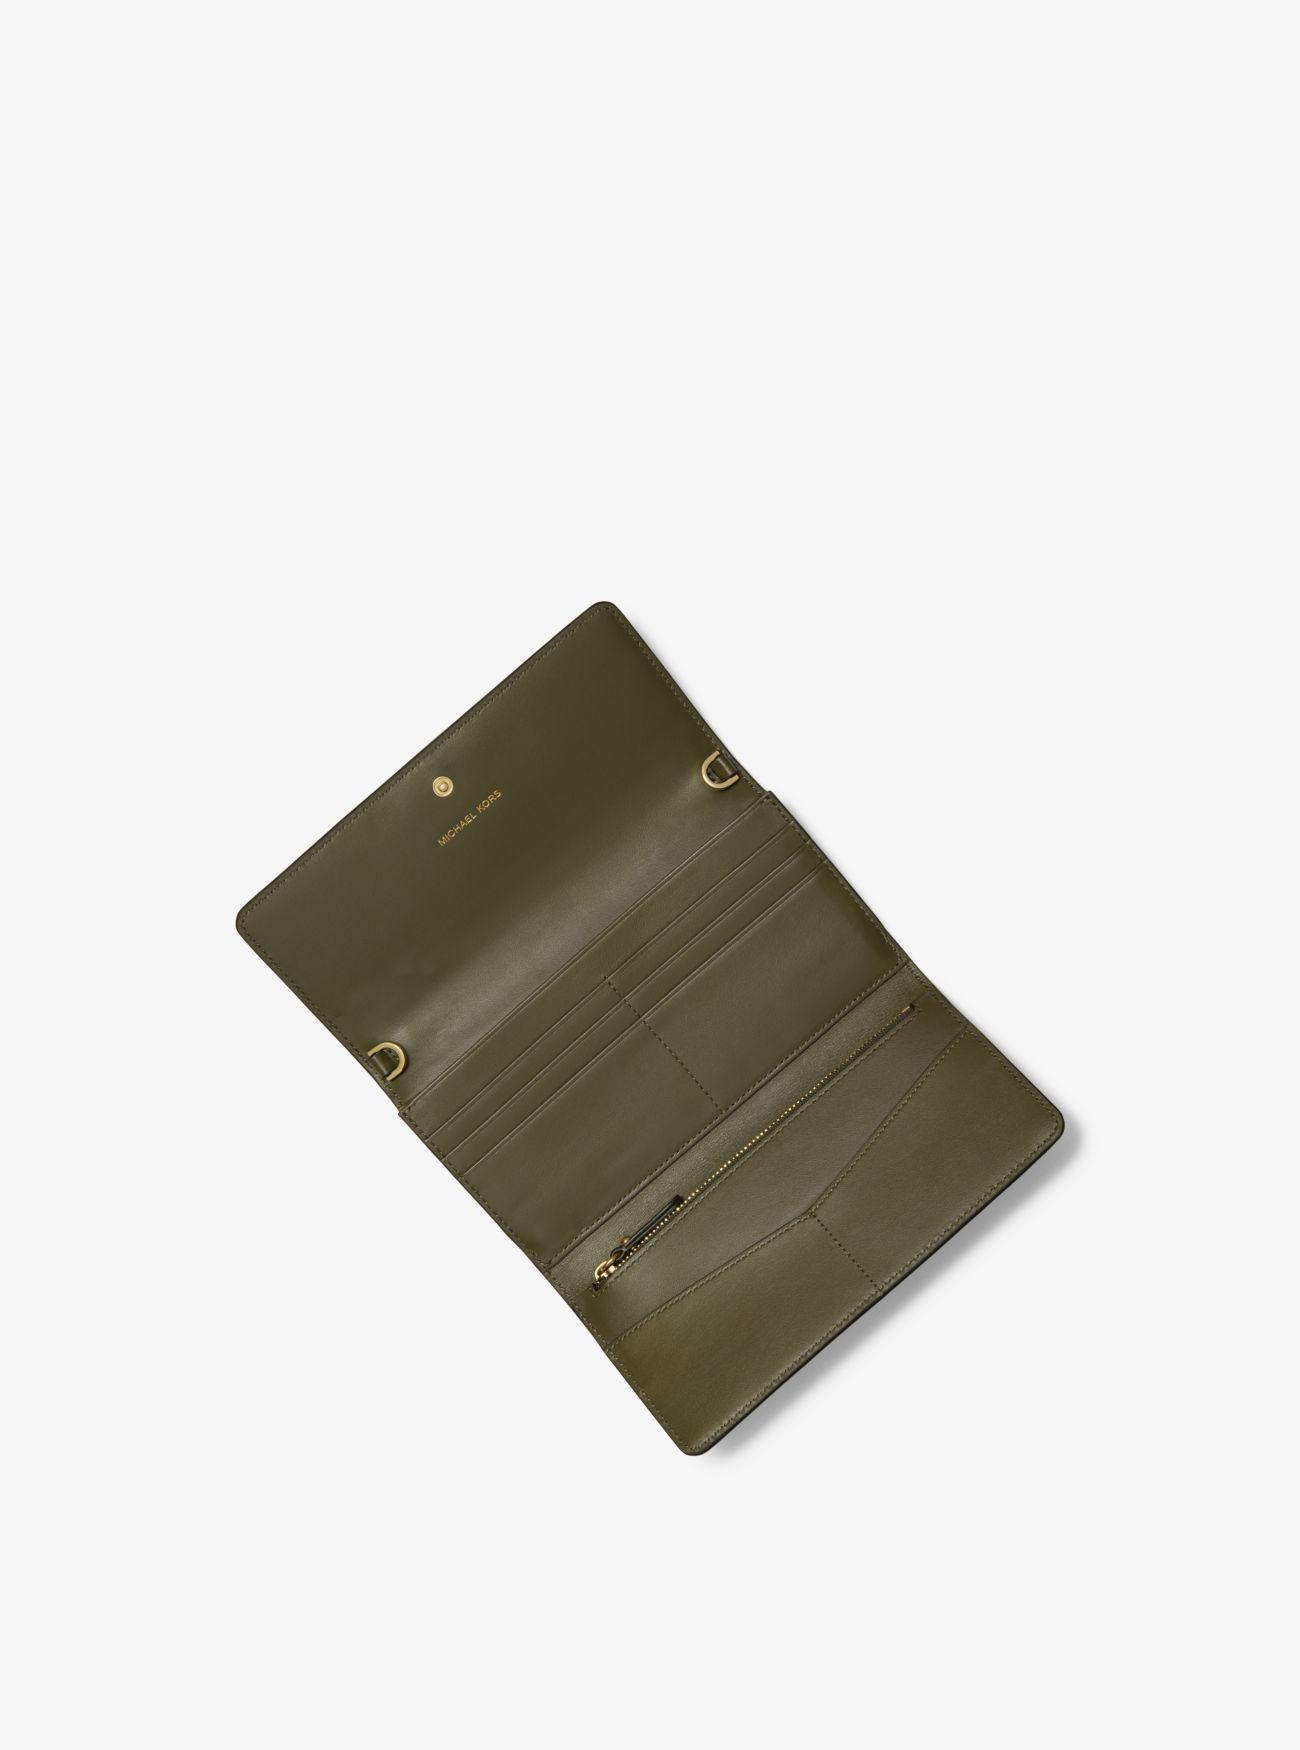 ... Portafoglio convertibile grande in pelle con farfalle e catena ... 21a9f734999